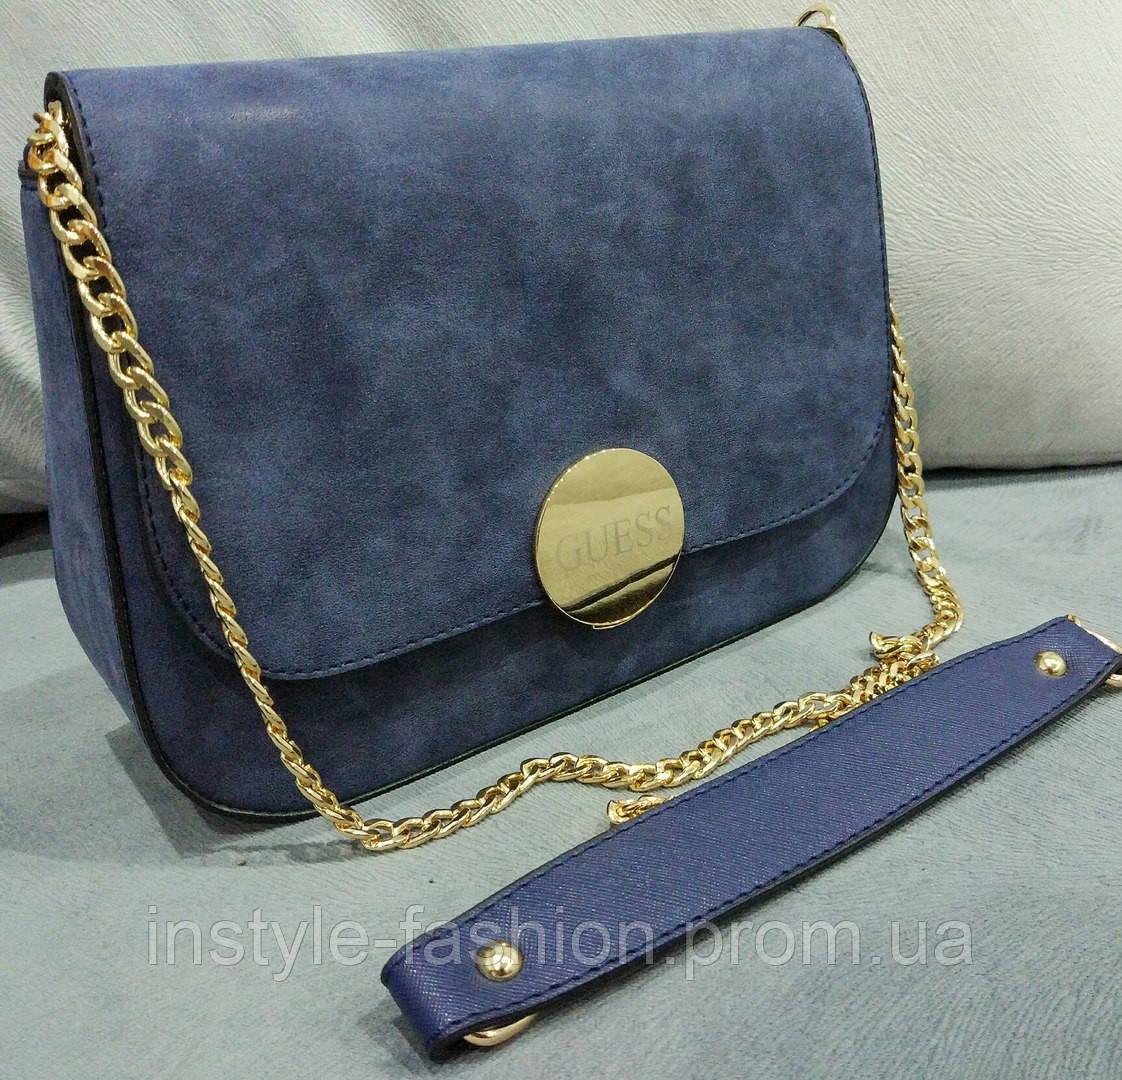 Женский клатч Guess Гесс на цепочке синий, клатч брендовый, сумка брендовая  копия 9eaa345a7be